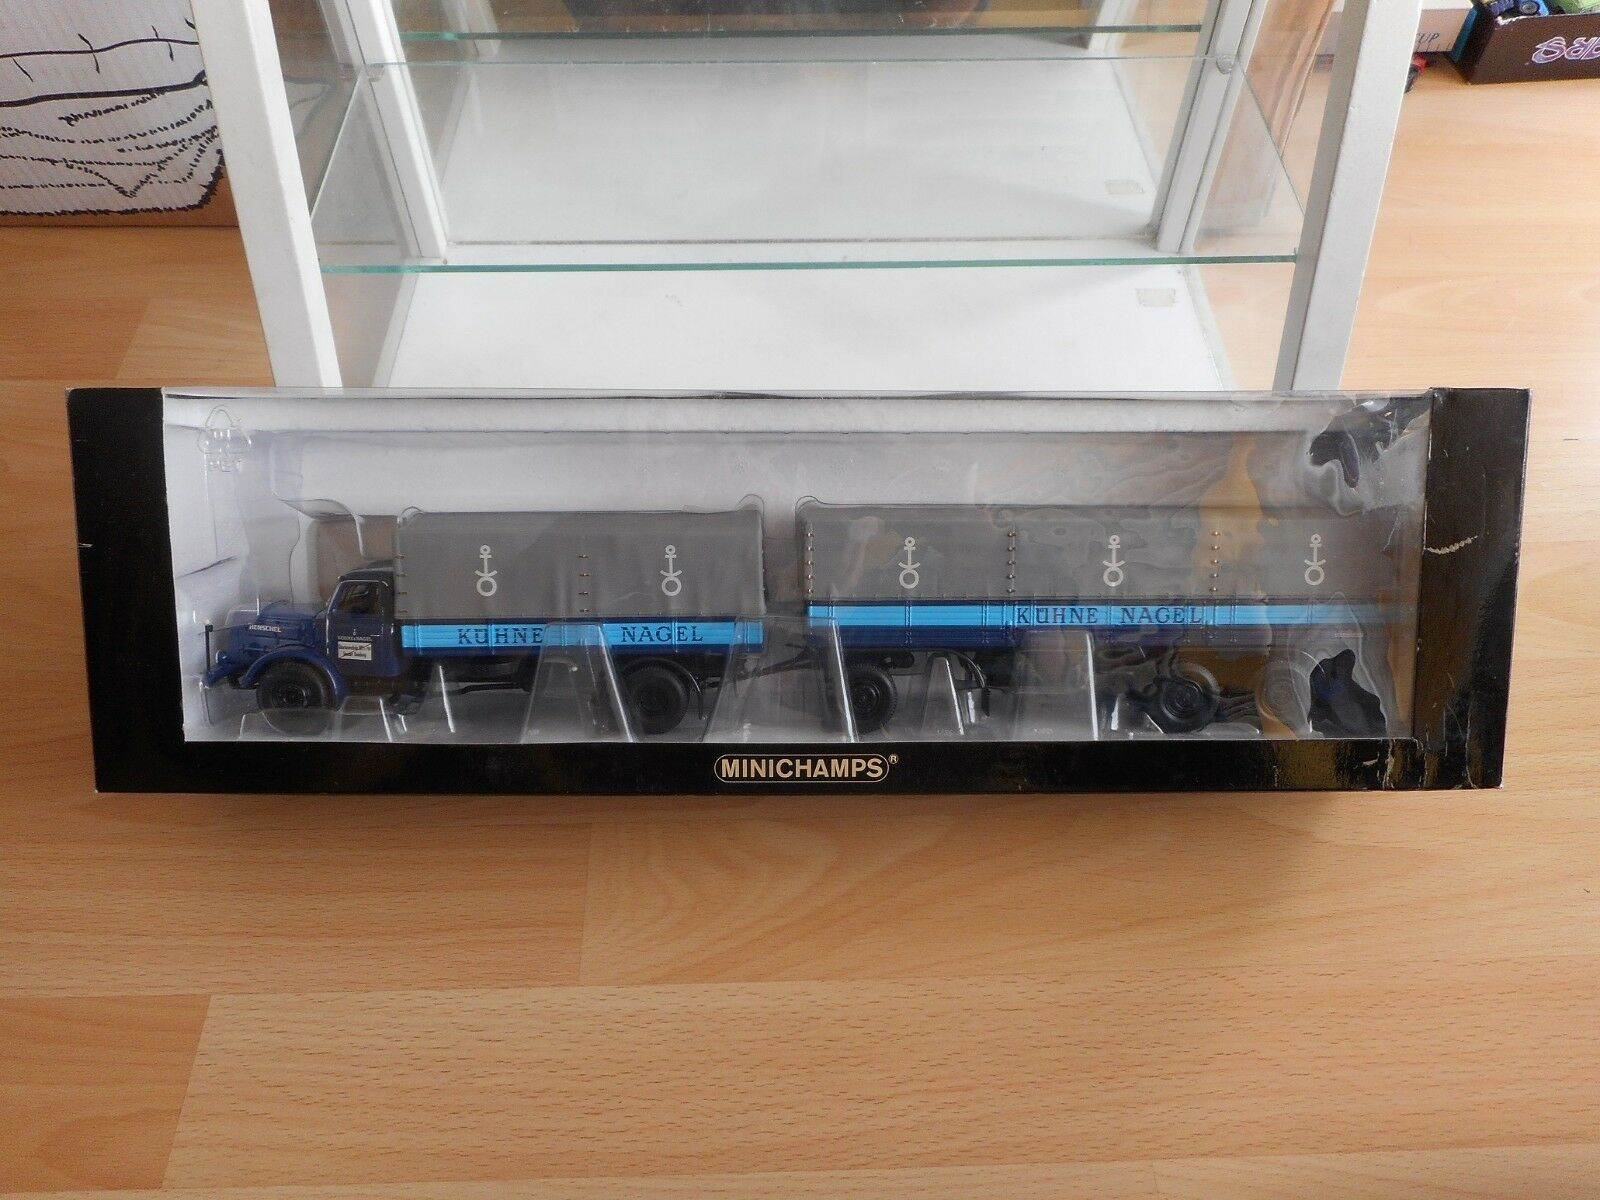 muchas sorpresas Minichamps Minichamps Minichamps Henschel HS 140  Kuhne & Nagel Hamburg in azul gris on 1 43 in Box  mejor moda